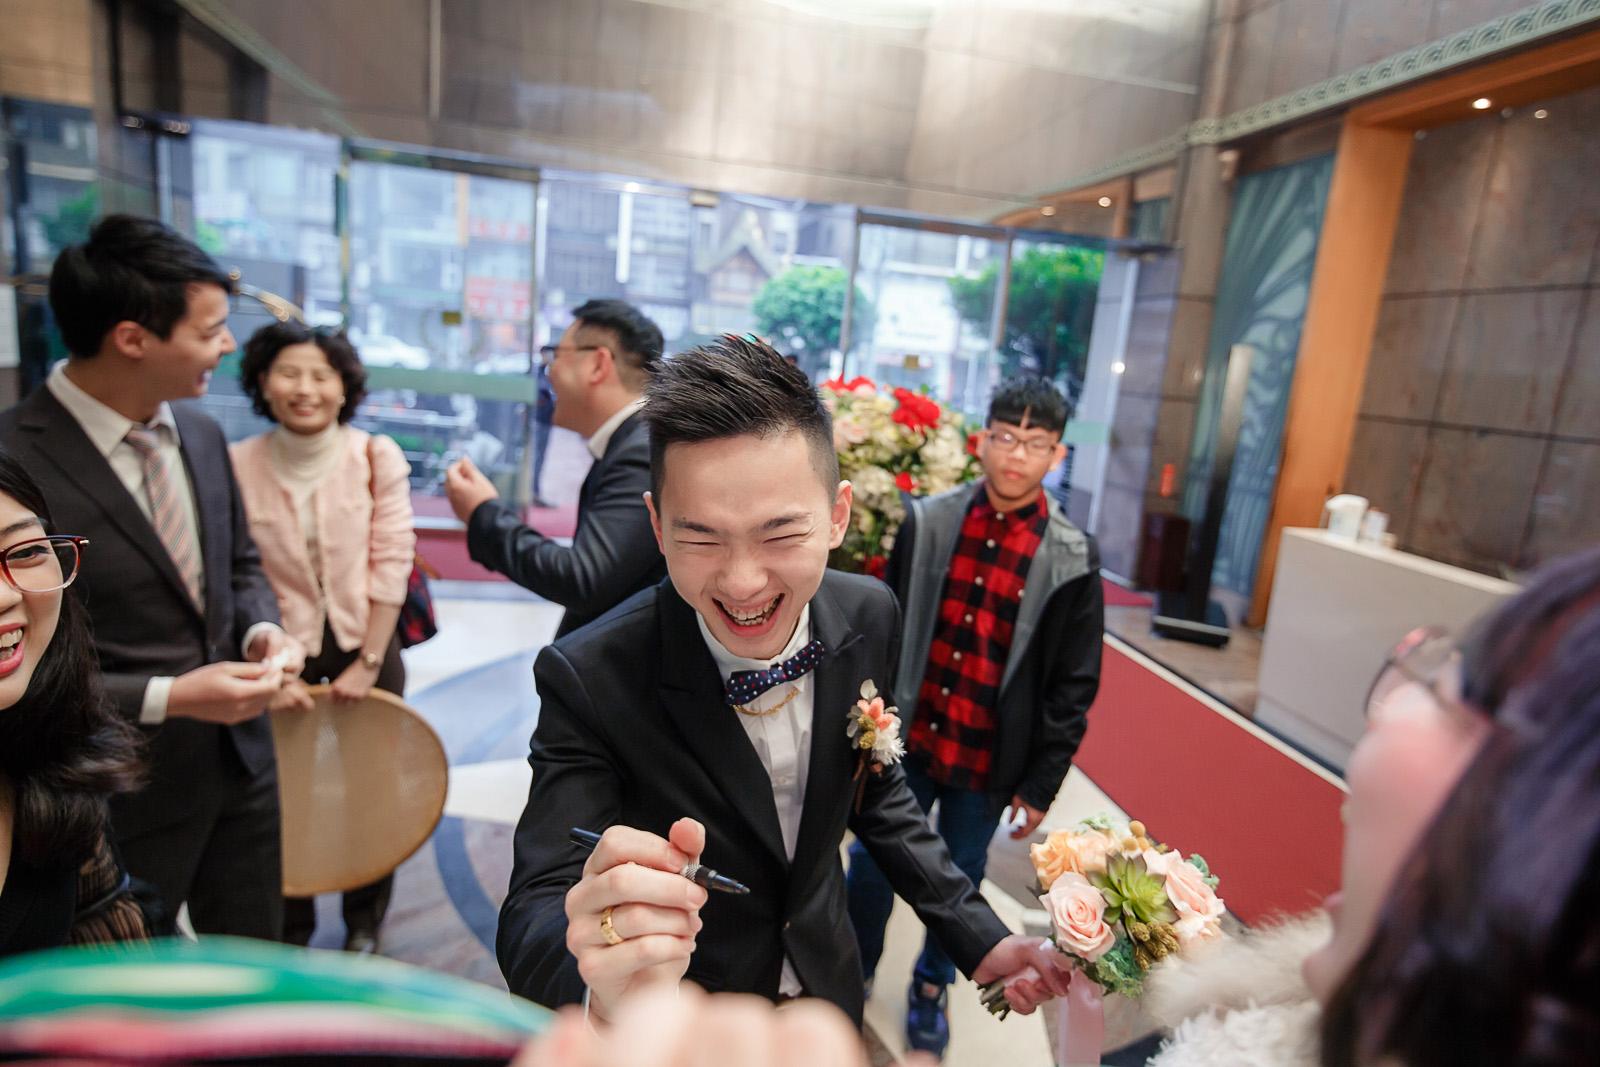 高雄圓山飯店,婚禮攝影,婚攝,高雄婚攝,優質婚攝推薦,Jen&Ethan-106